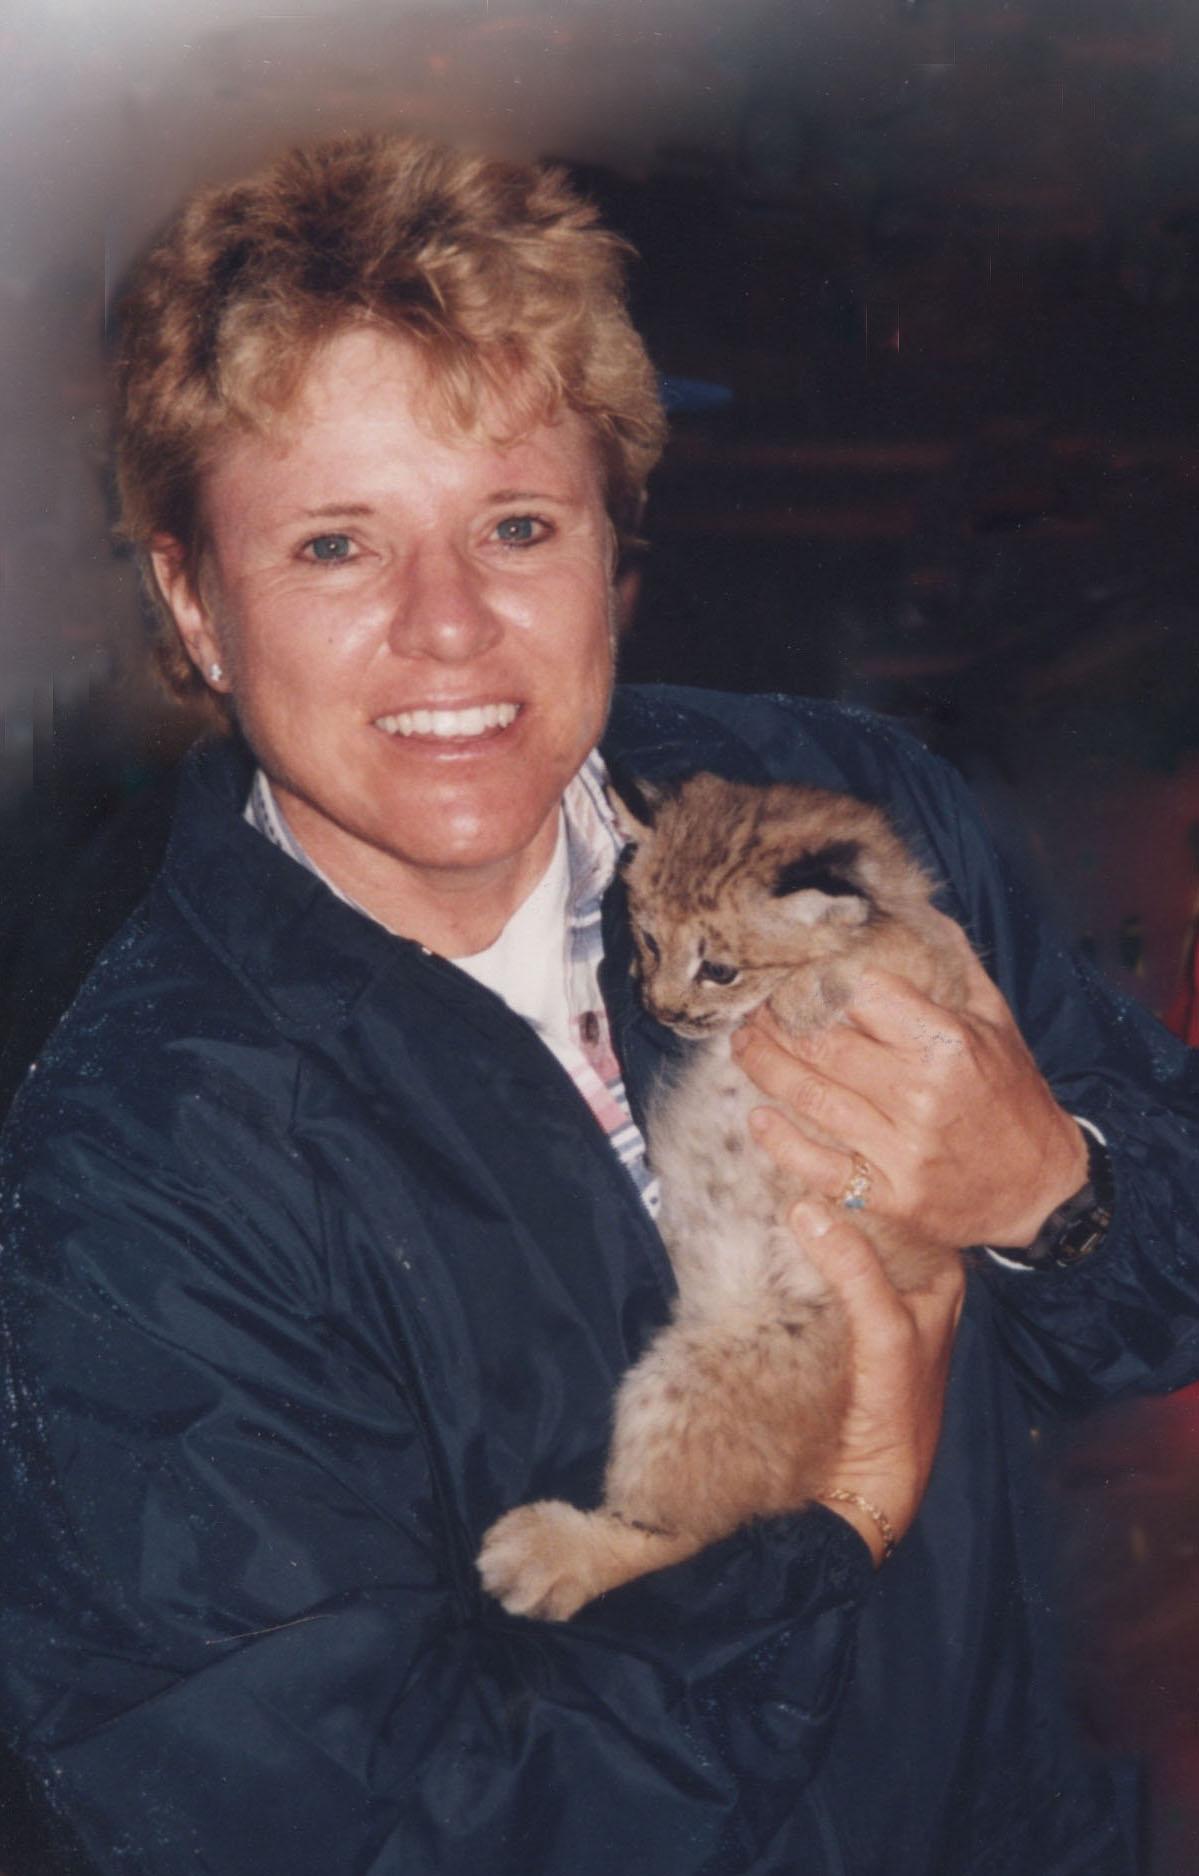 Gabrielle hugging a bobcat kitten